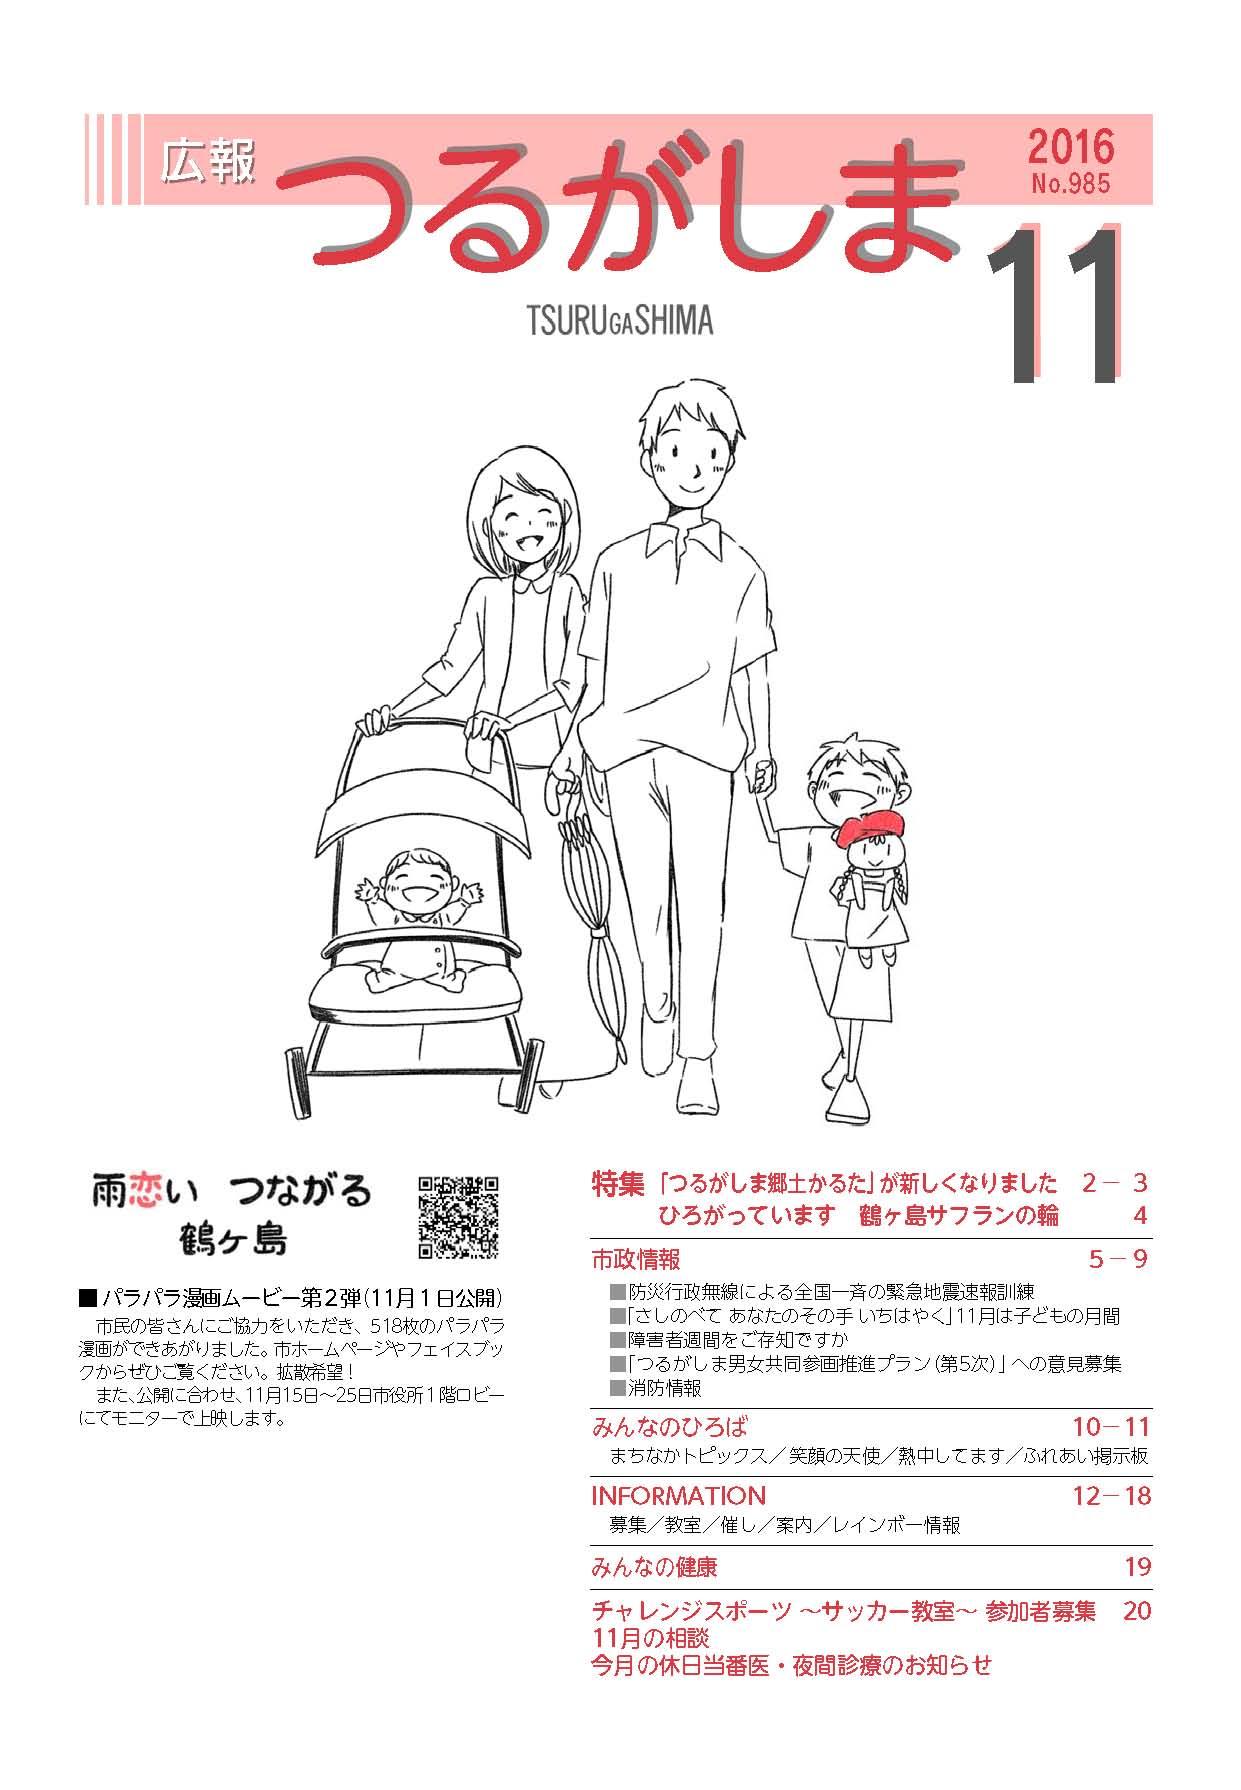 『『『平成28年11月号表紙』の画像』の画像』の画像